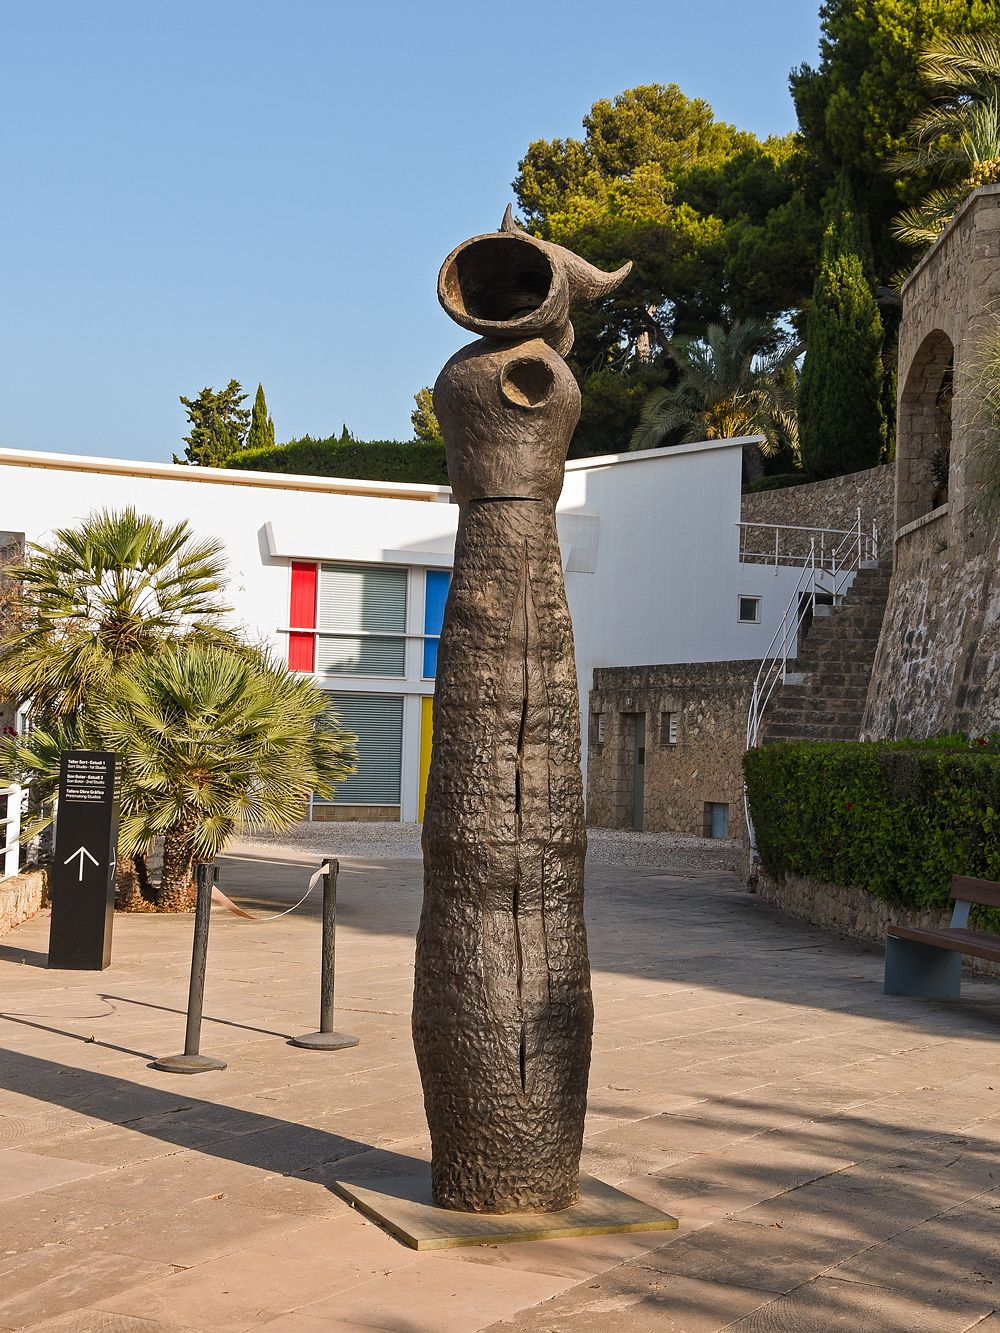 Joan Miró sculpture, Fundació Miró Mallorca